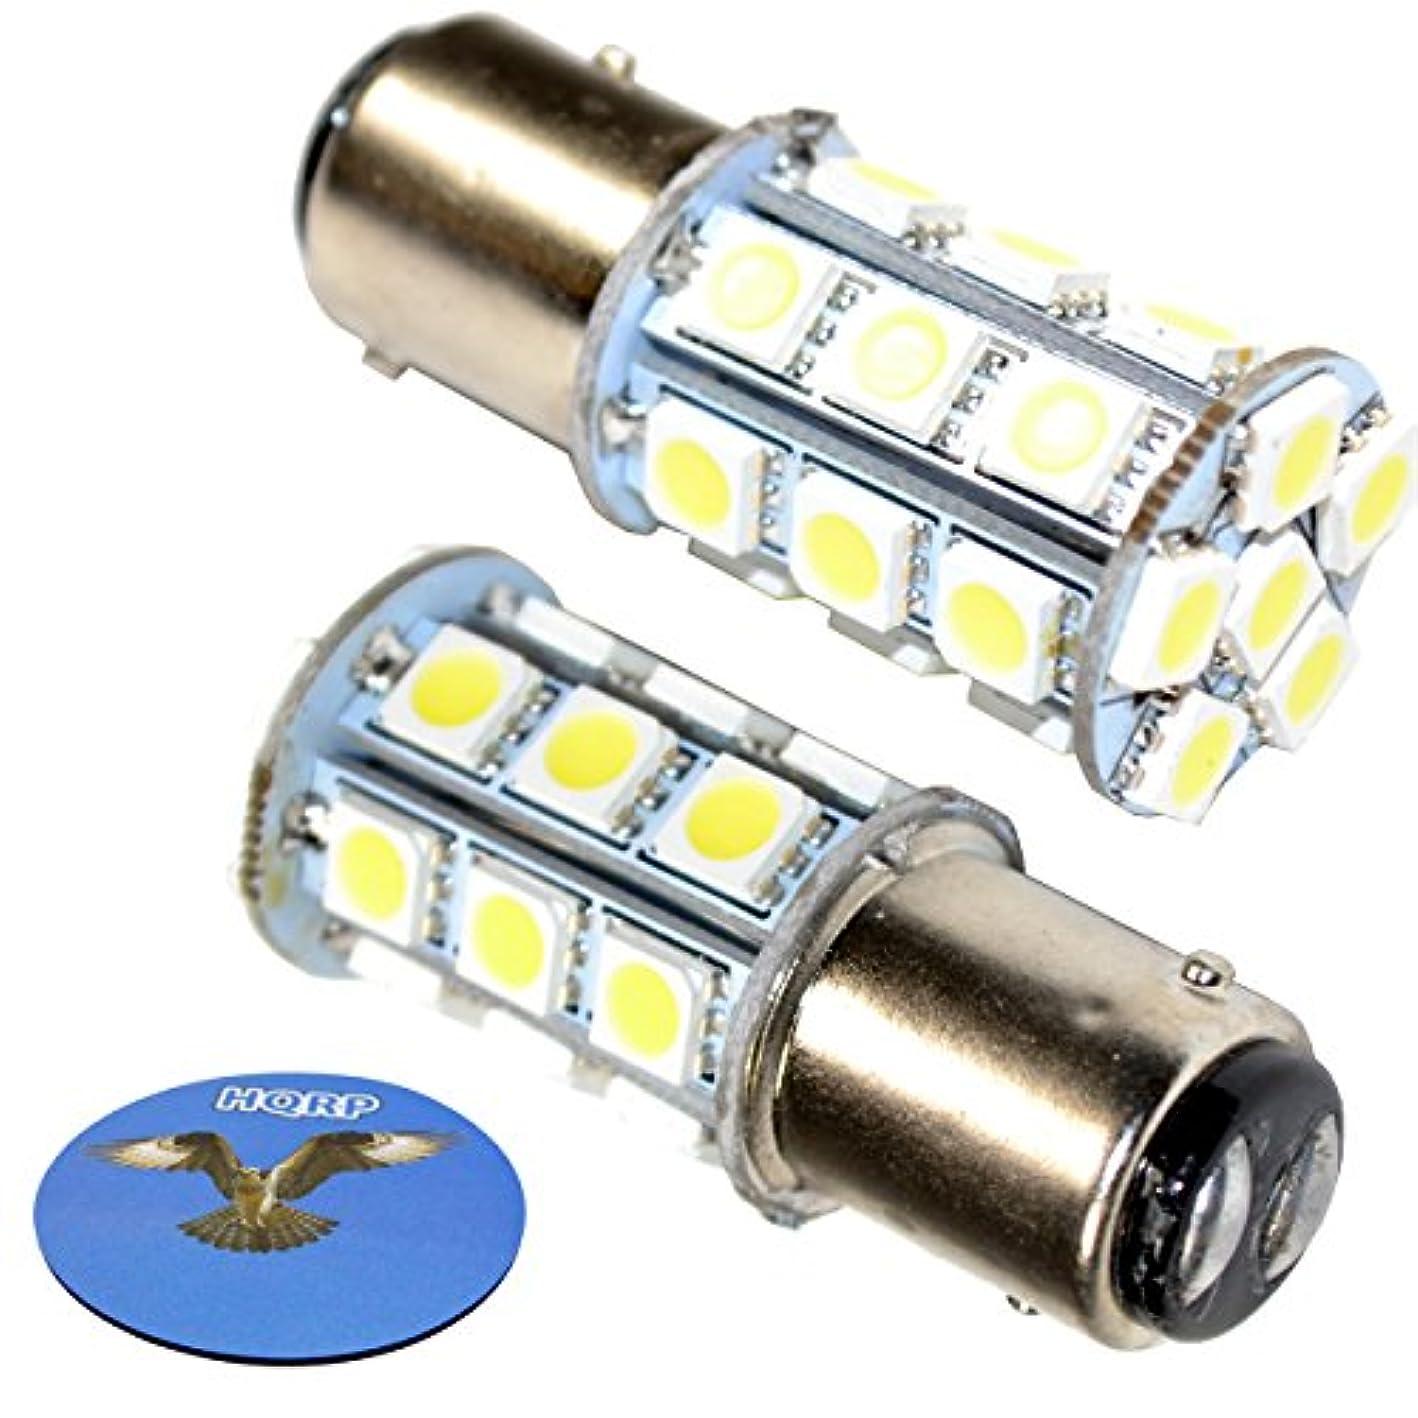 変なゴシップ相反するHQRP 2 - Pack bay15d LEDライト電球for Hella Marineシリーズ2984 2 NM tri-colourランプ、シリーズ2984 3 NM Sternランプ、シリーズ2984 2lt 002 984 – 321 / 2lt 002 984 – 811 10 – 30 V DC Marineナビゲーション+コースター